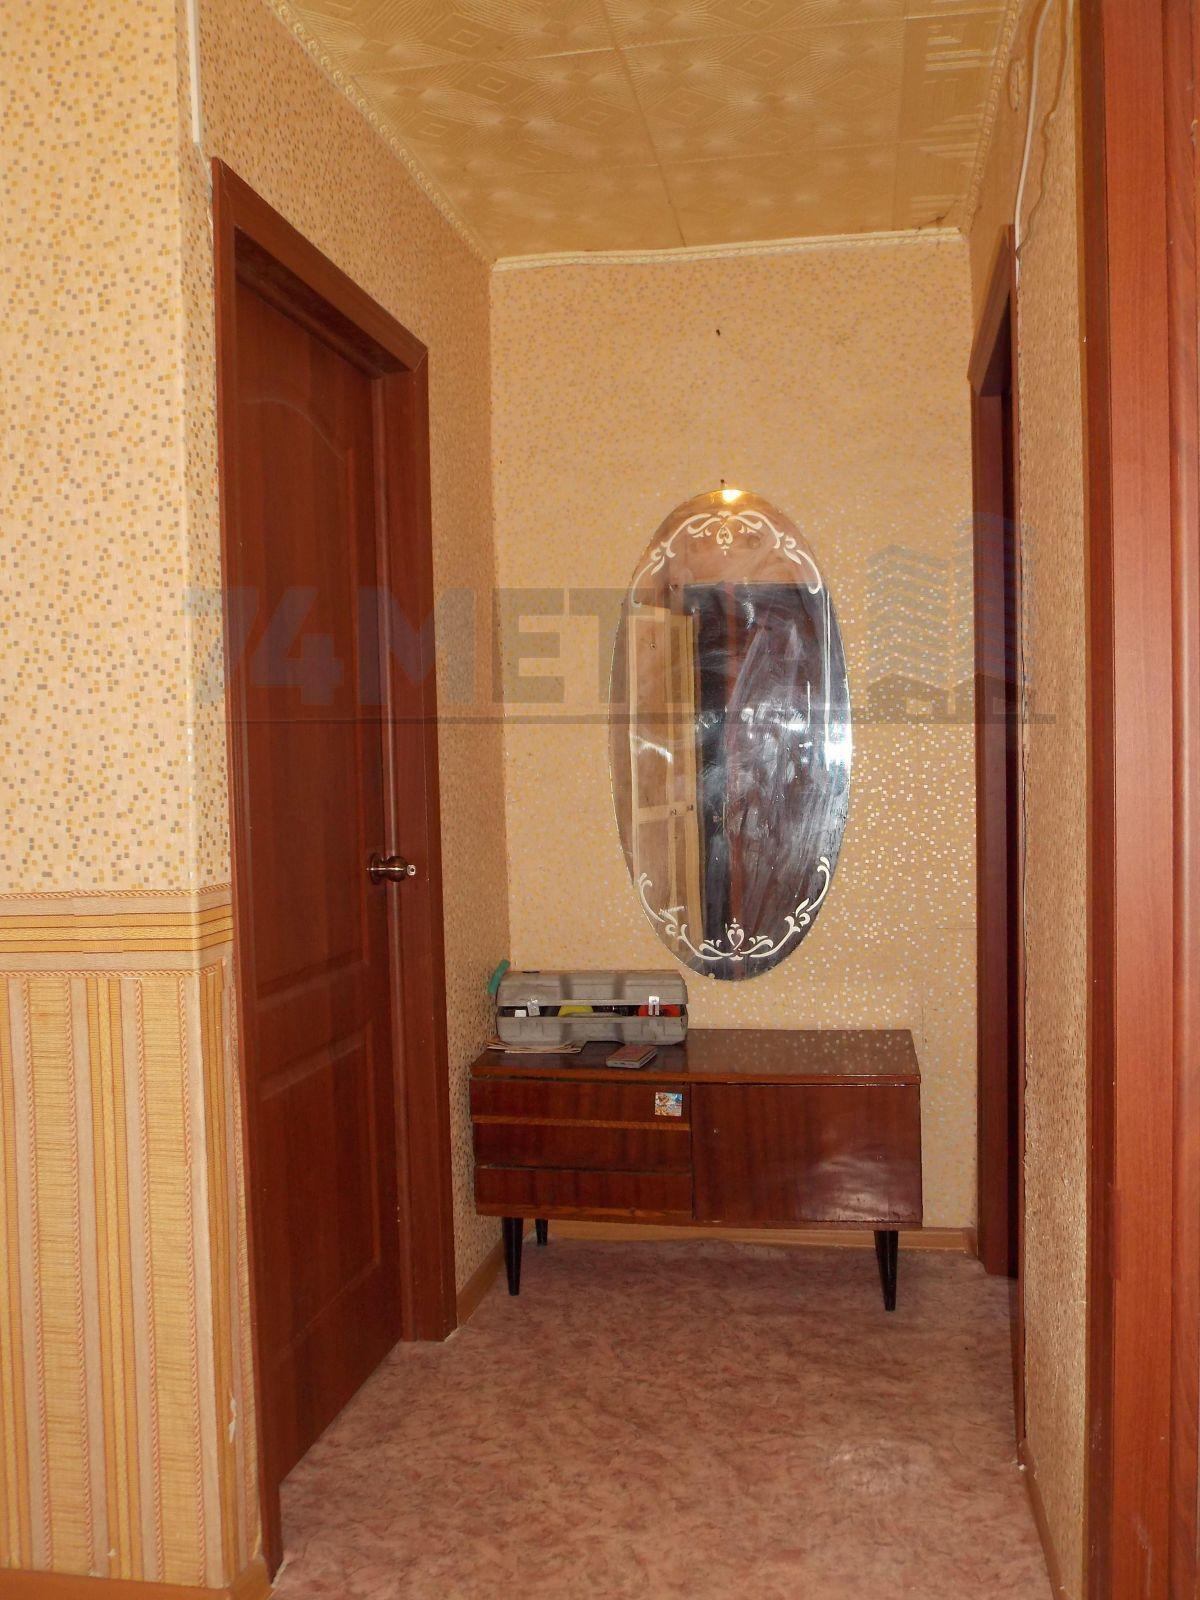 6 000 ₽, 3 - комнатная квартира, площадь 60 м², этаж 2/9